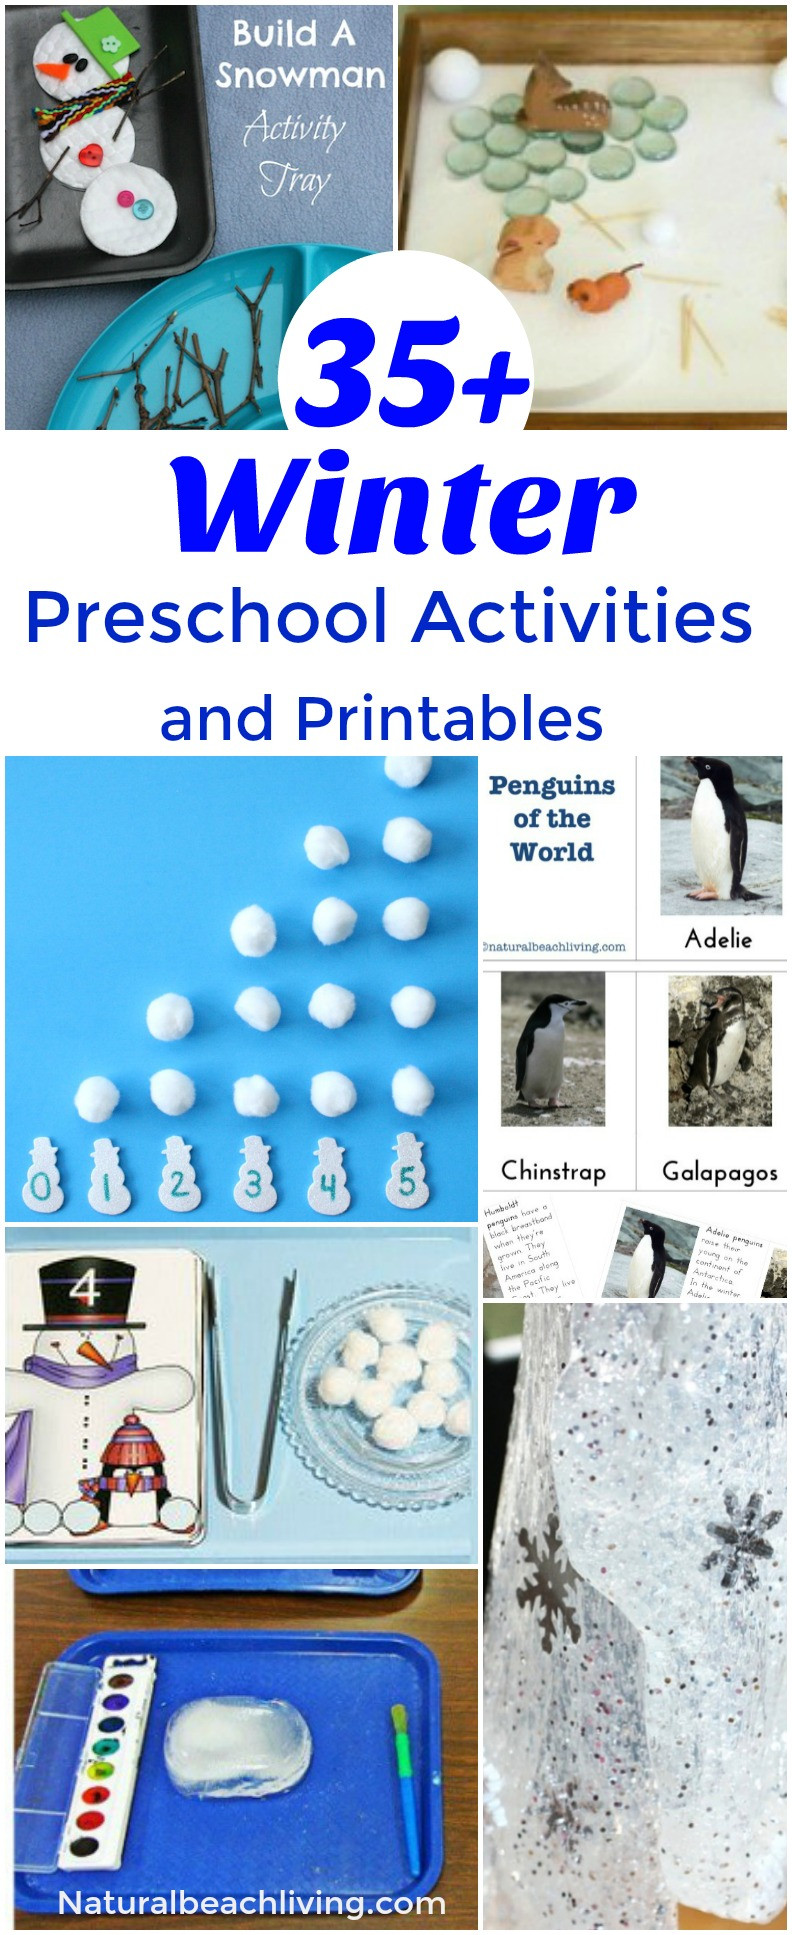 Winter Themed Activities For Preschoolers  35 Winter Preschool Activities and Free Printables